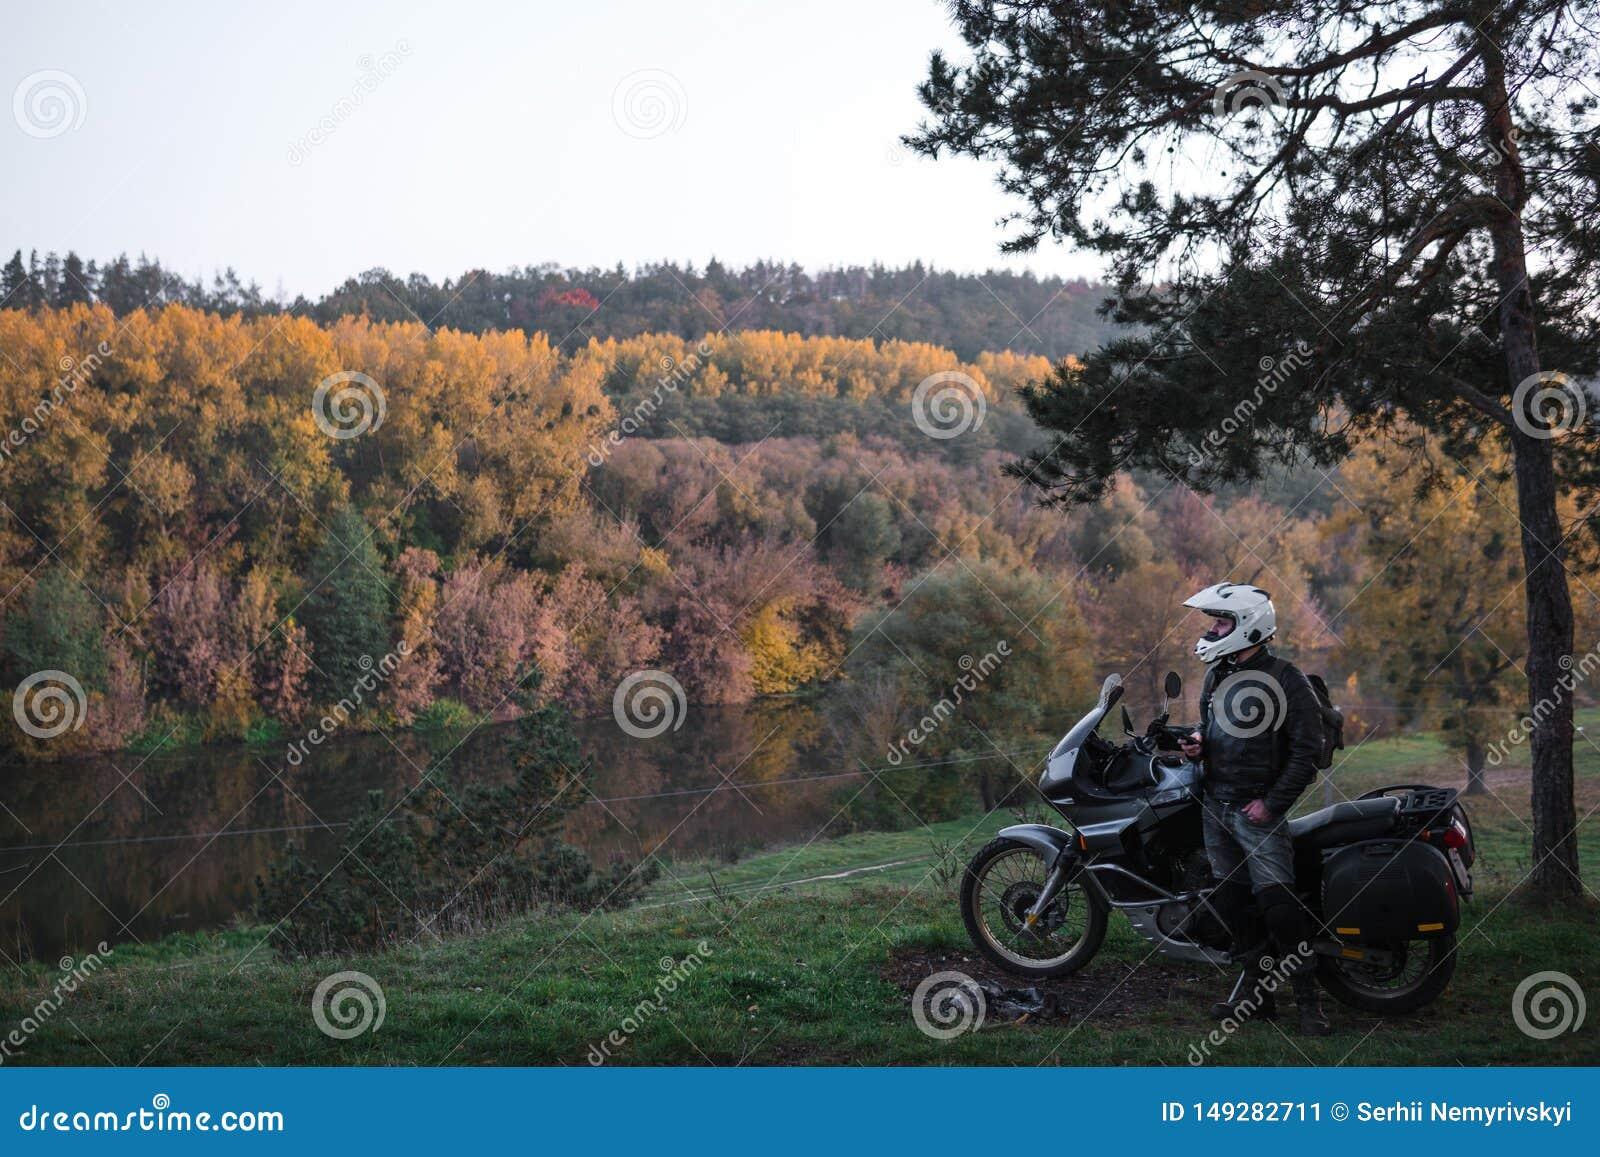 Η στάση αναβατών με τη μοτοσικλέτα περιπέτειας, εργαλείο μοτοσυκλετιστών, οδηγός μοτοσικλετών Α κοιτάζει, έννοια του ενεργού τρόπ